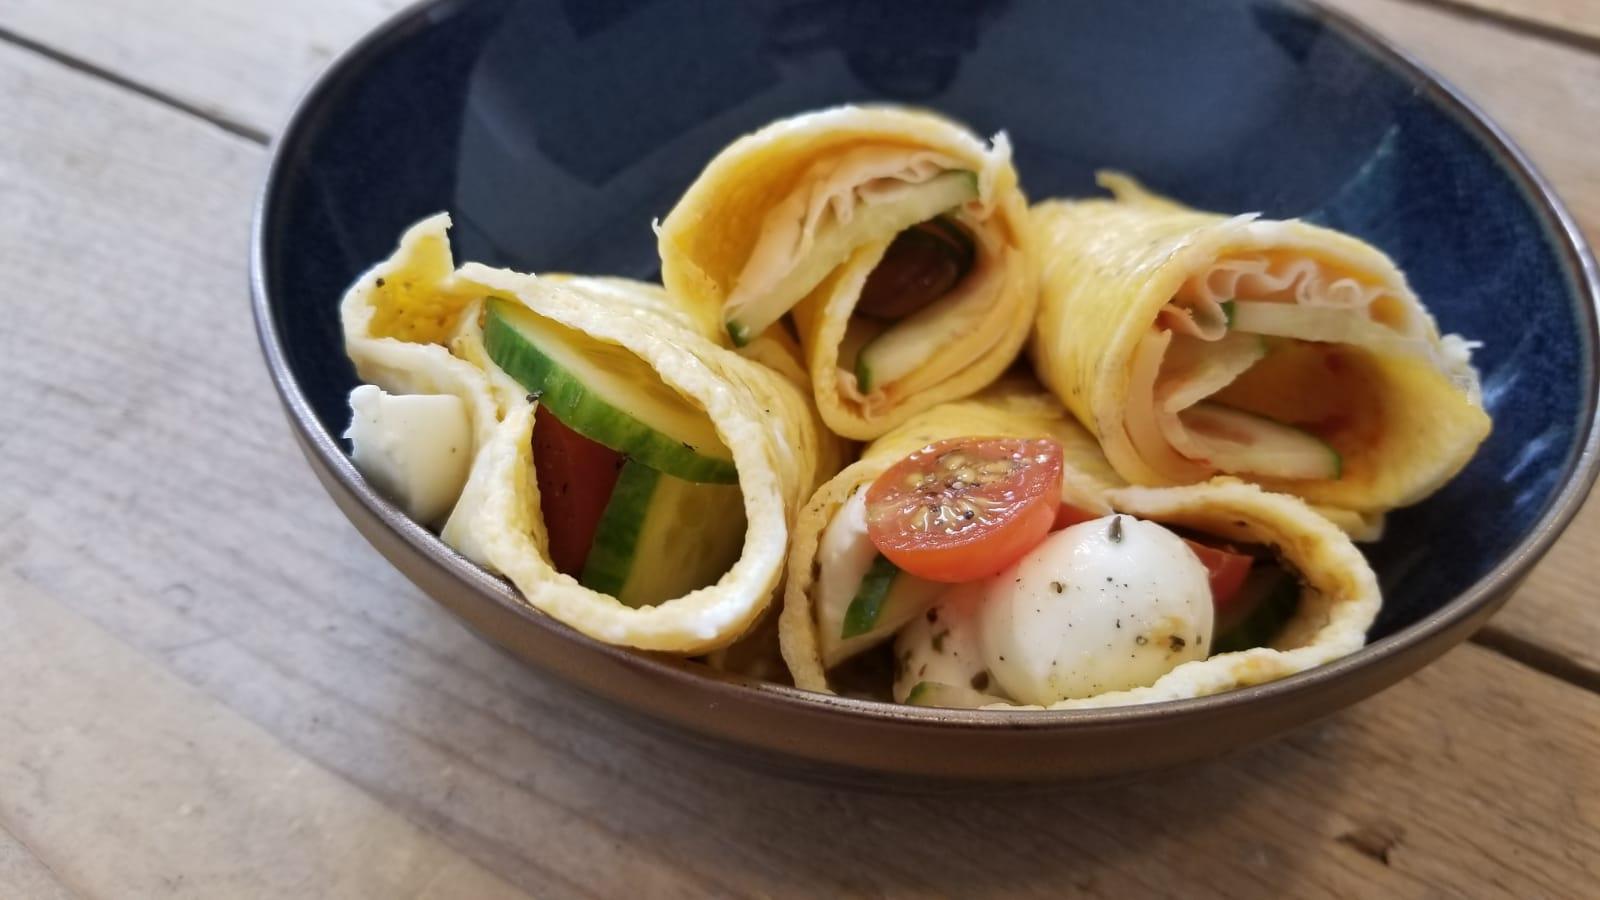 Egg wraps gezonde beleg ideeën met groente kliekjes